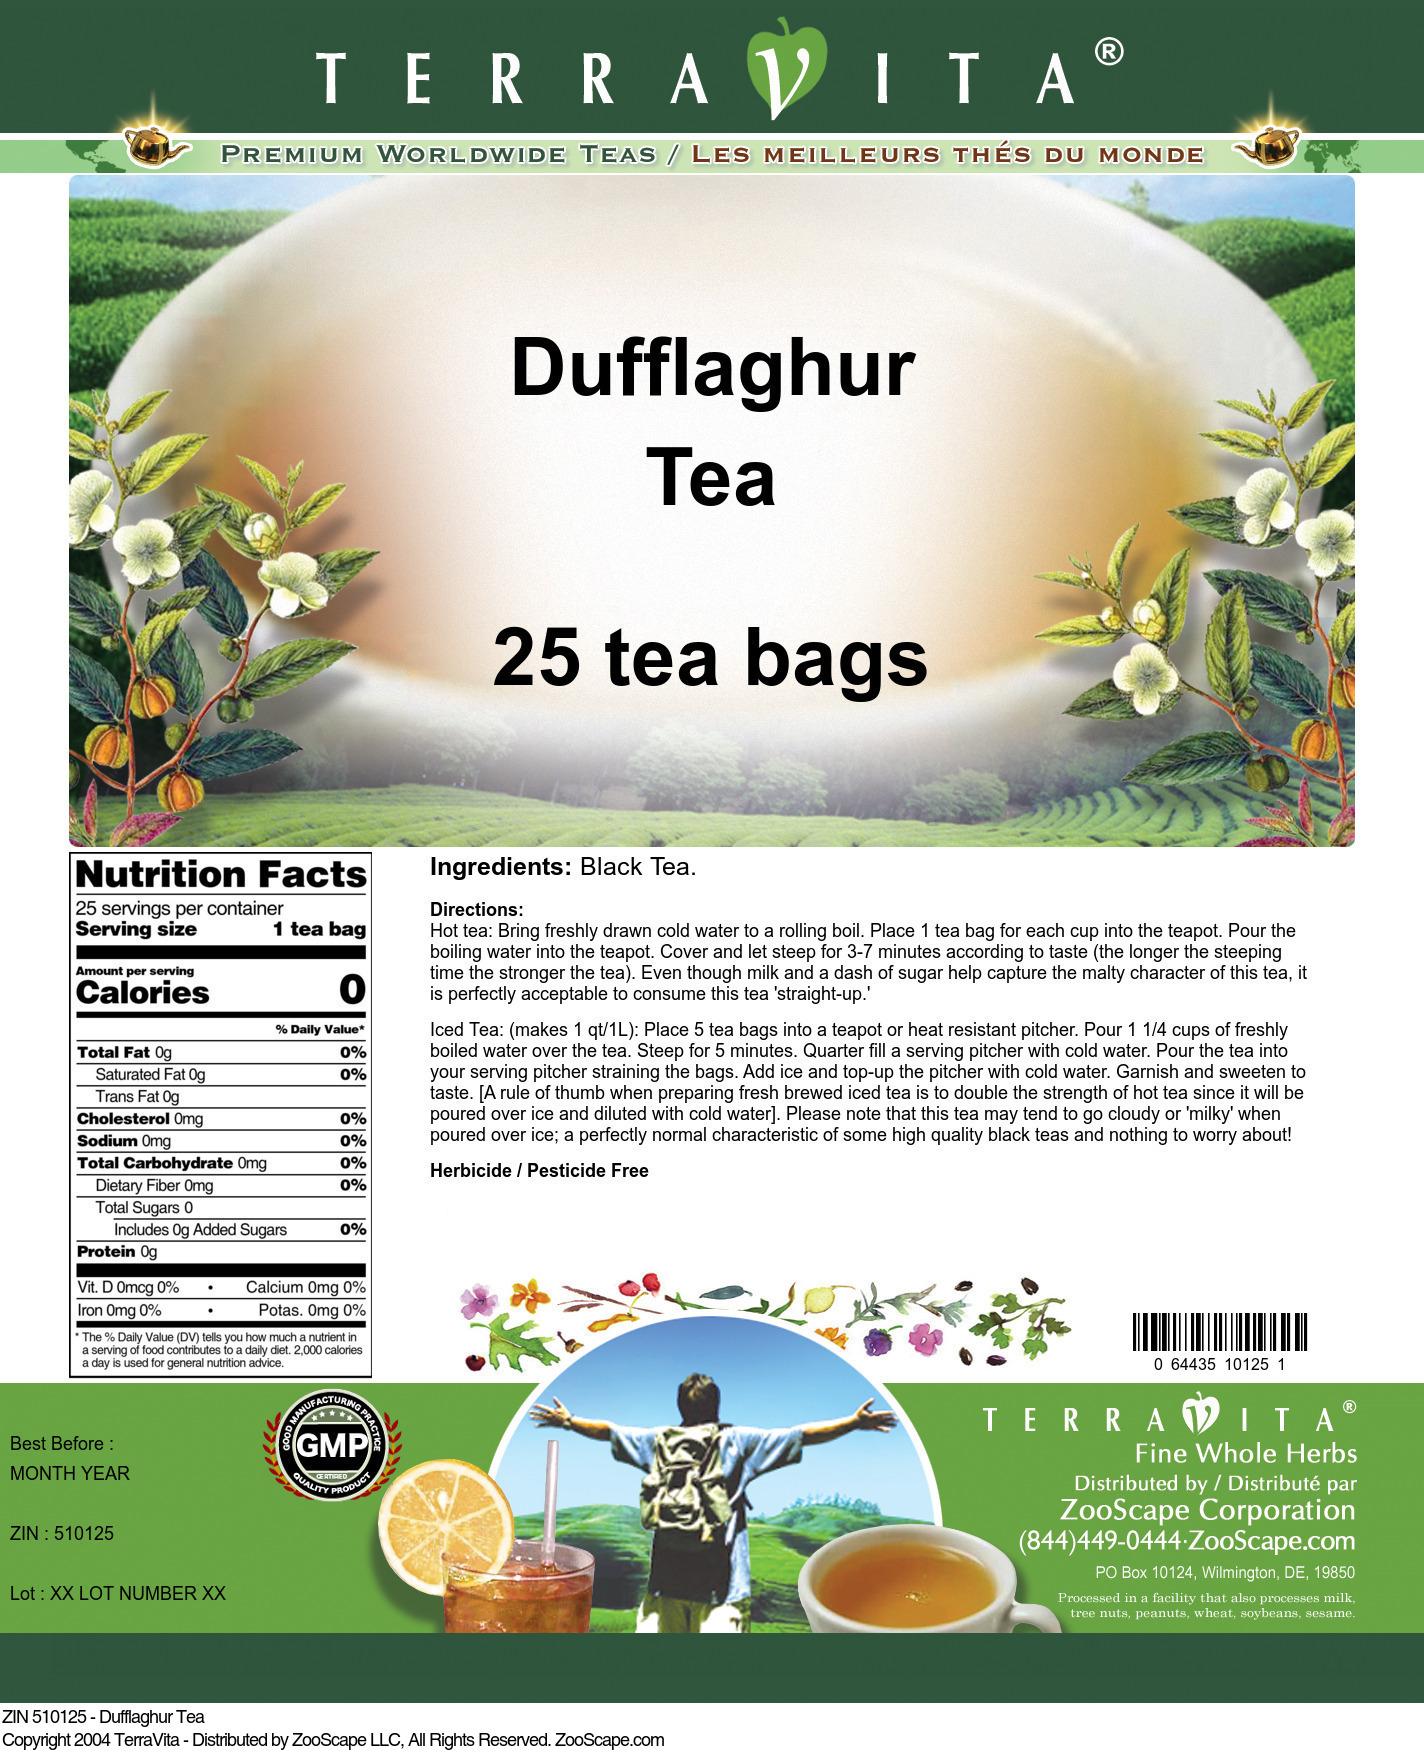 Dufflaghur Tea